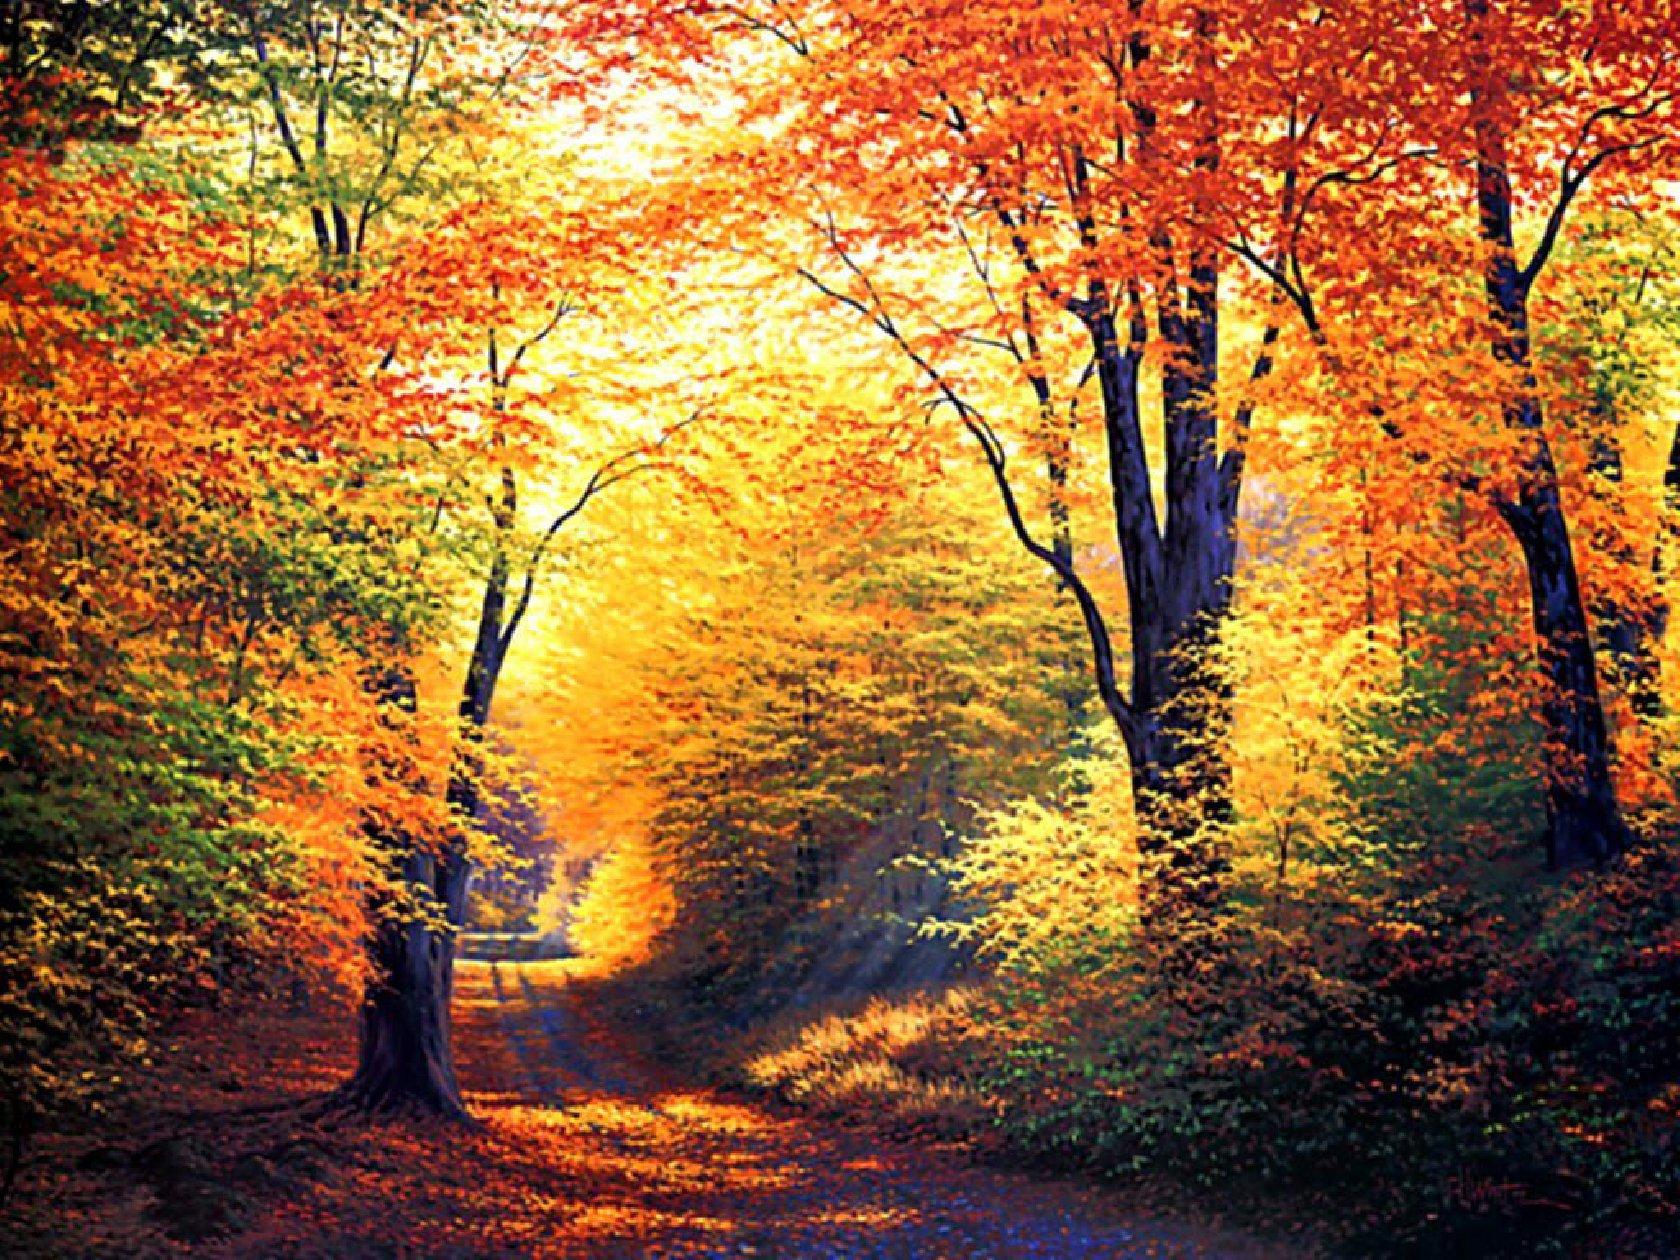 krajobrazy-lasy-1680-1260-3880